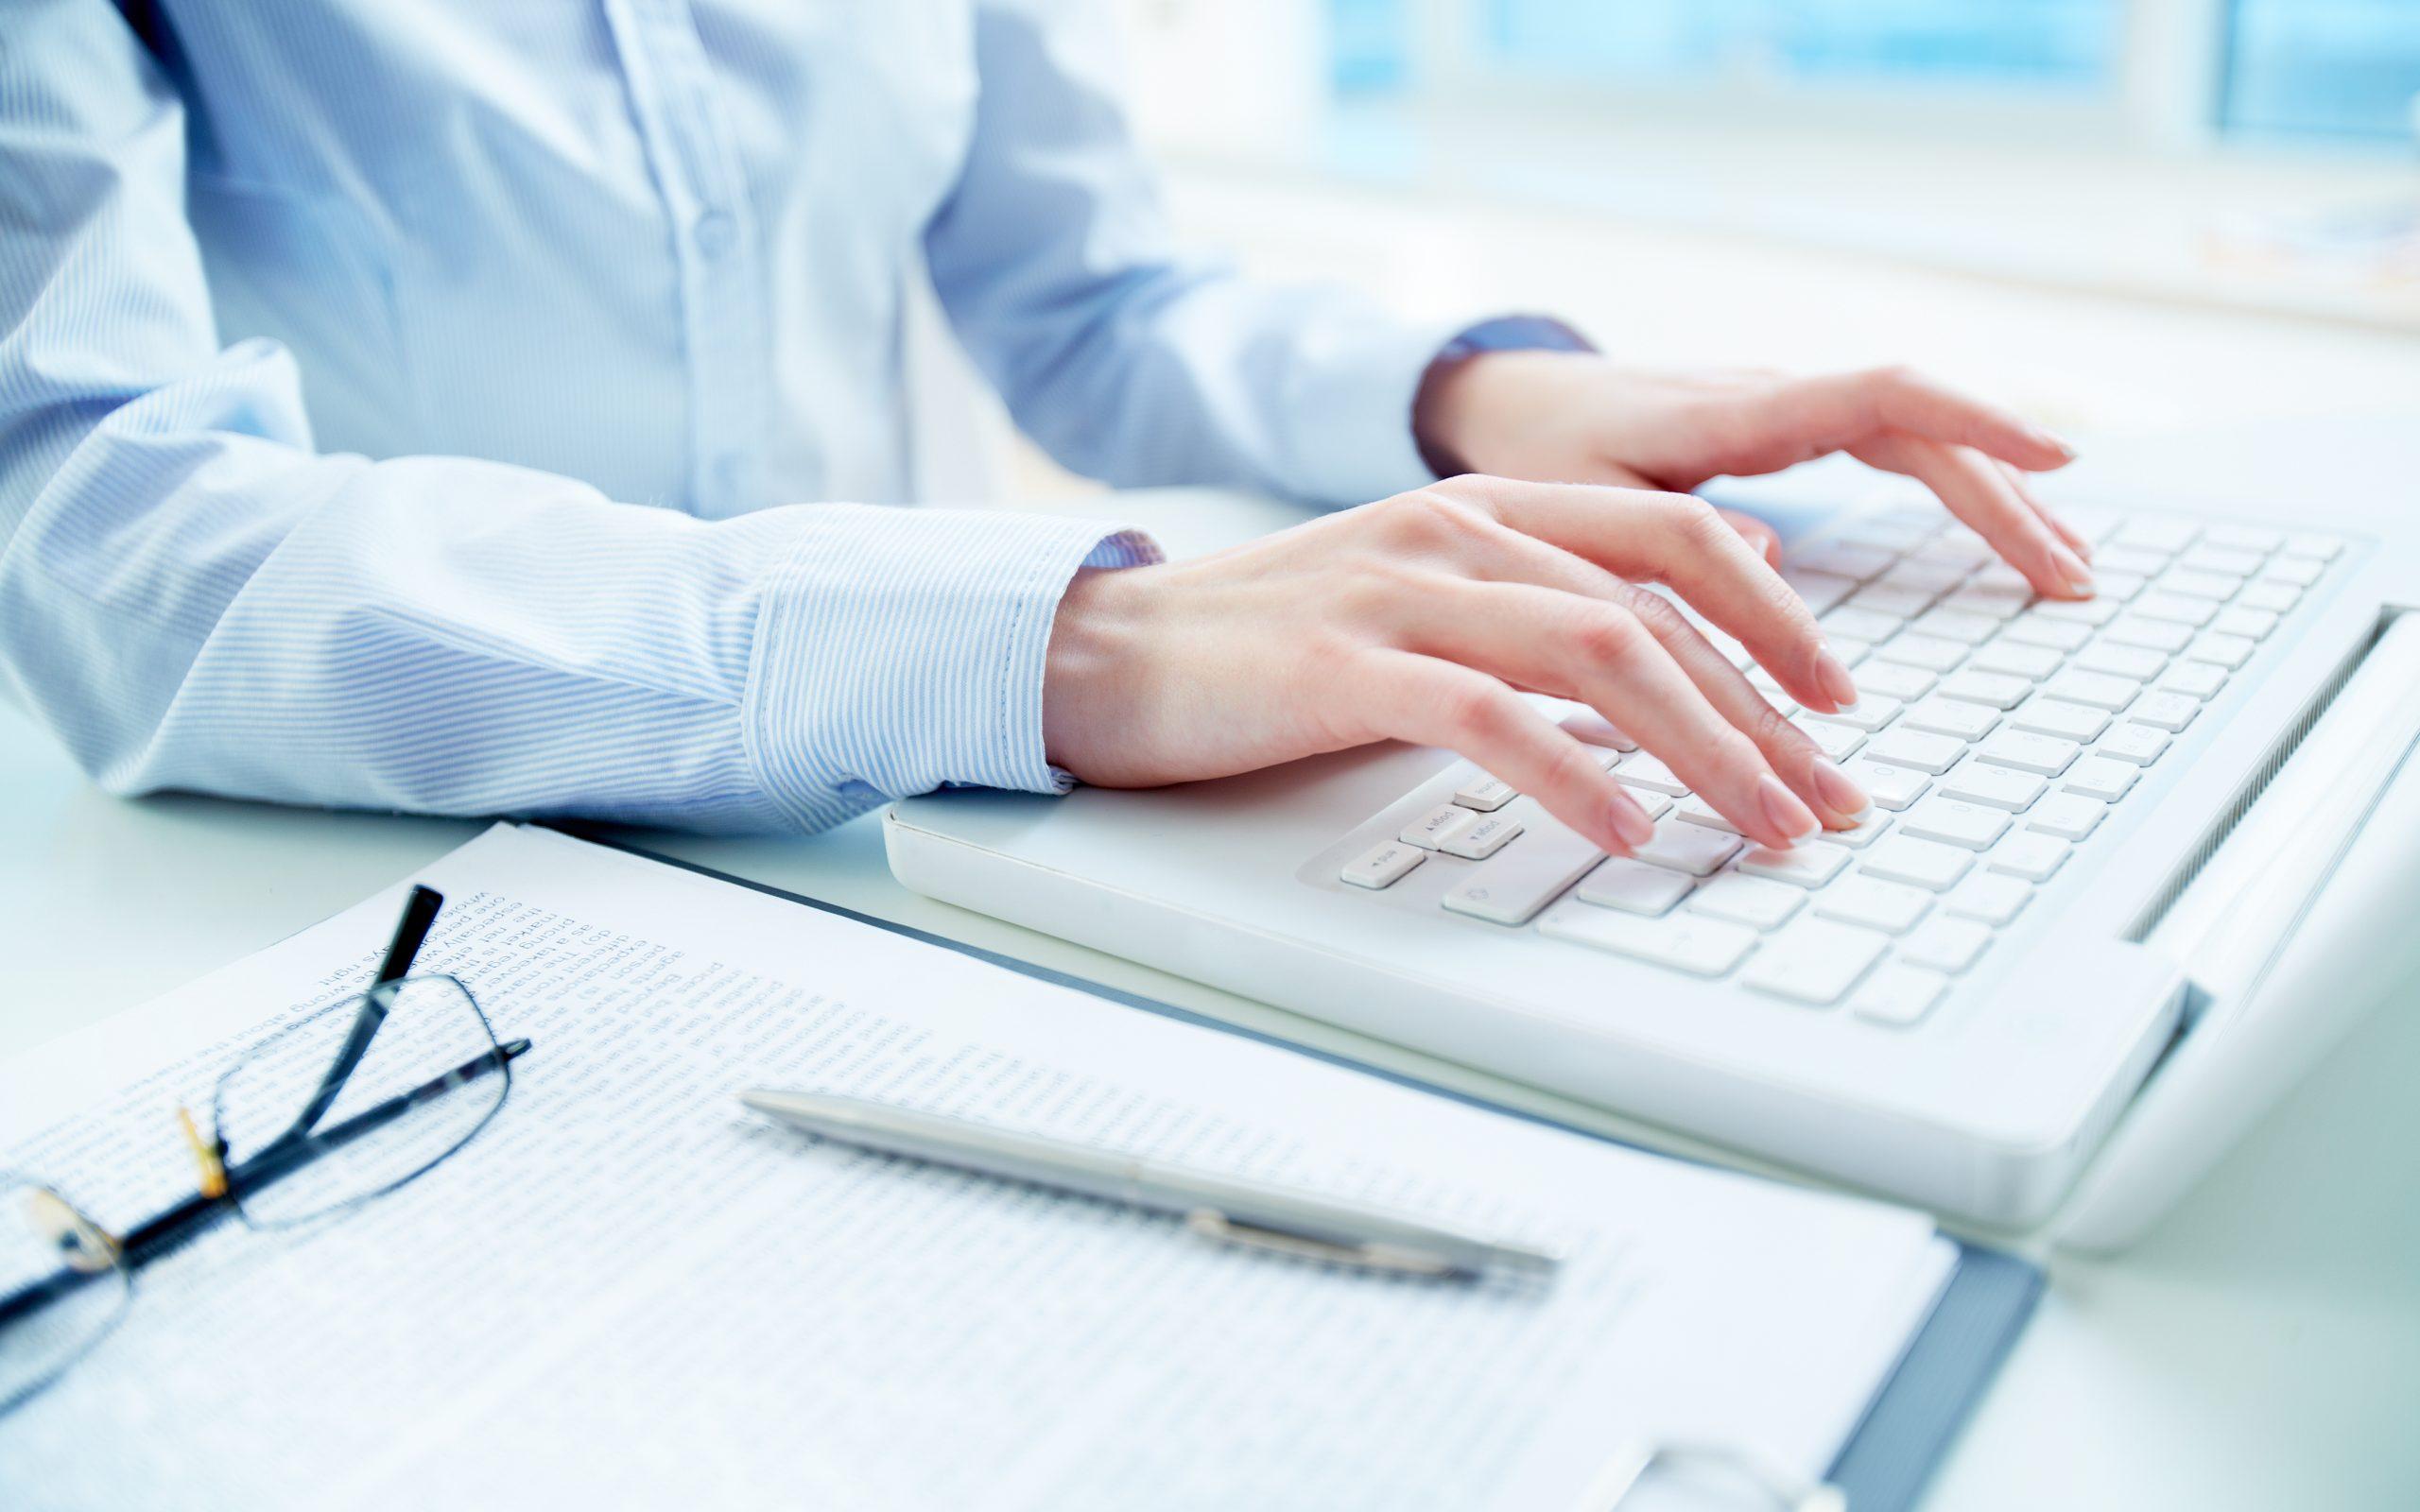 Homme qui tape sur son clavier d'ordinateur